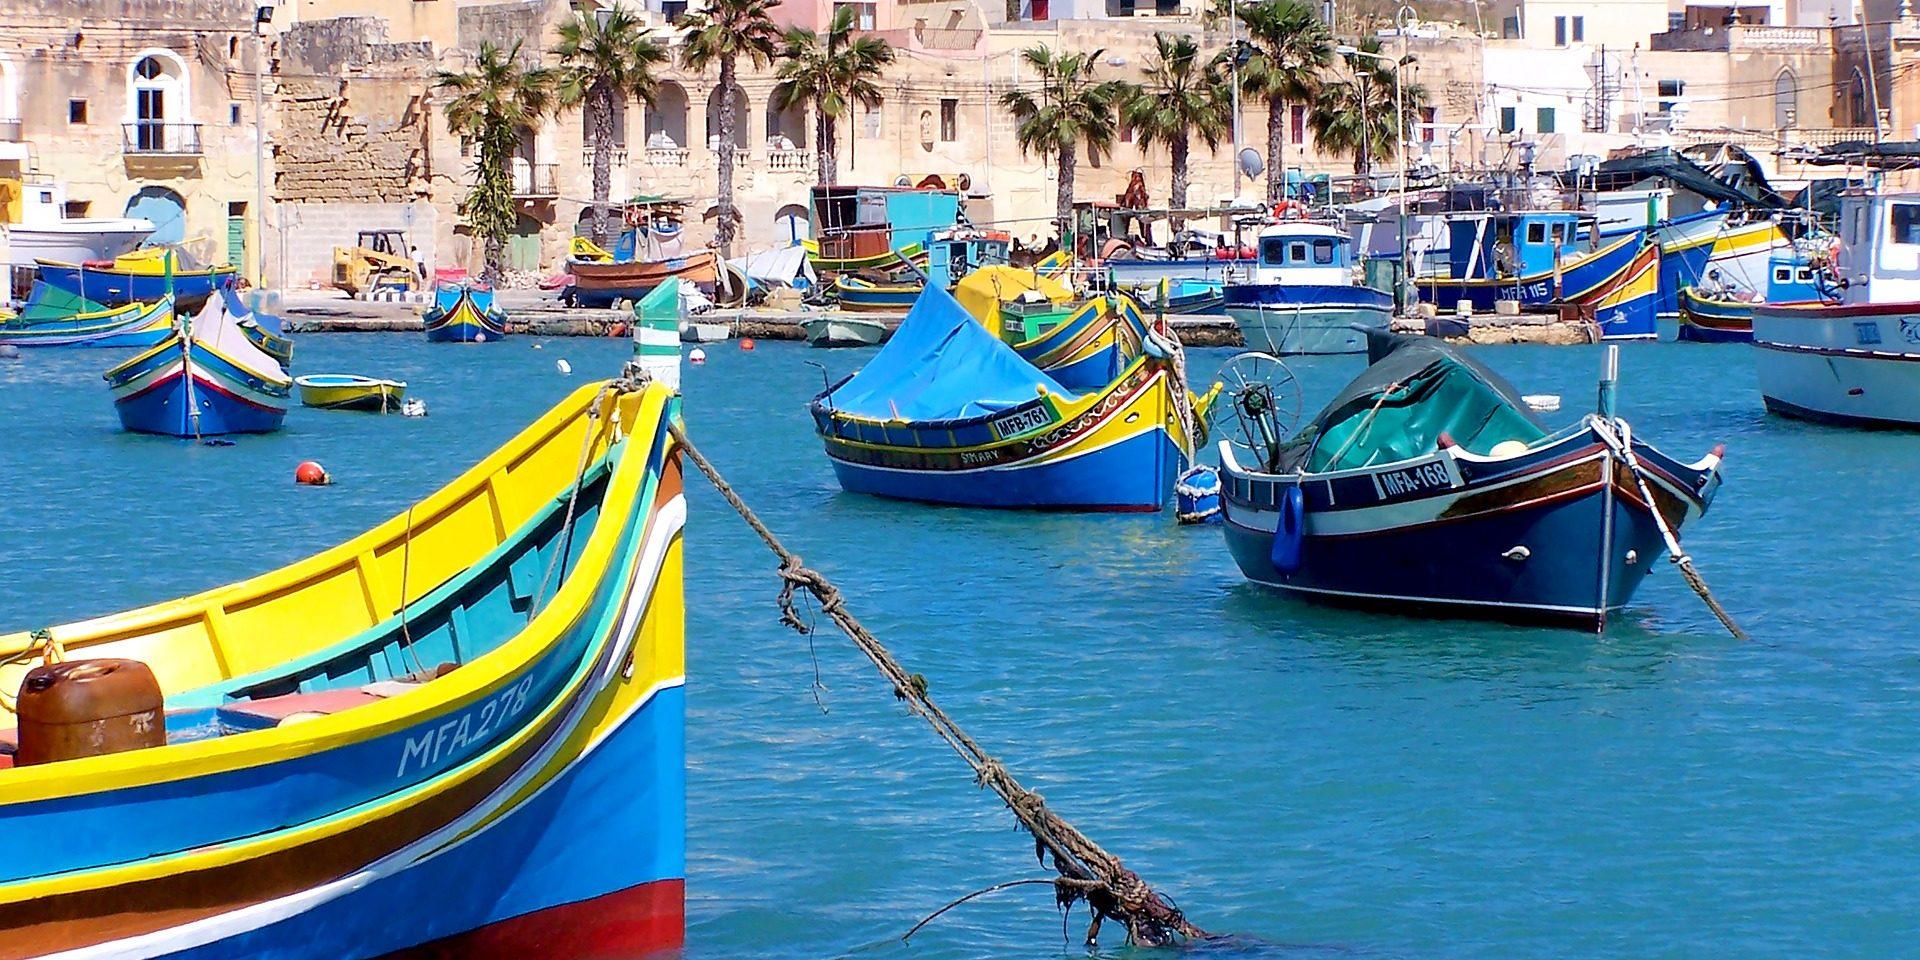 boats-5946304_1920